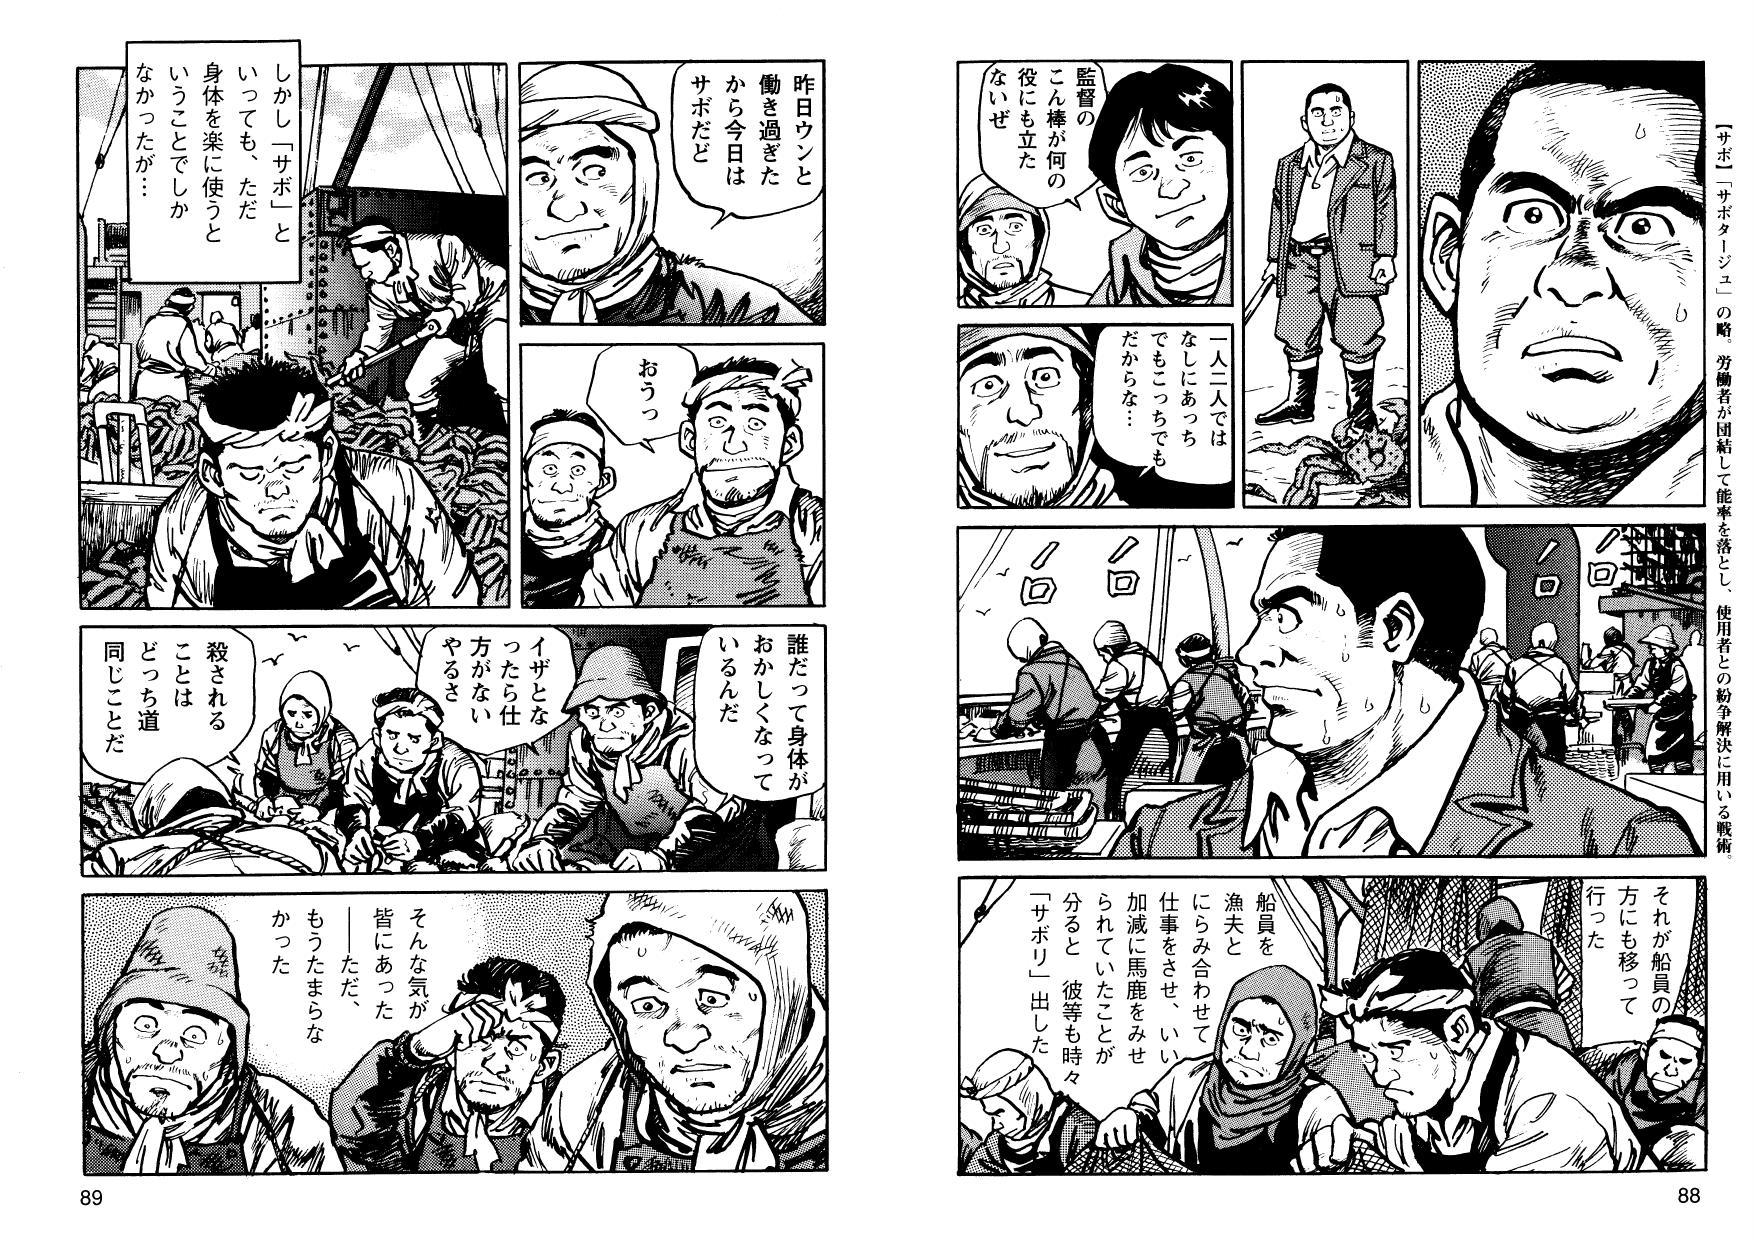 kani_cmc_000045.jpg